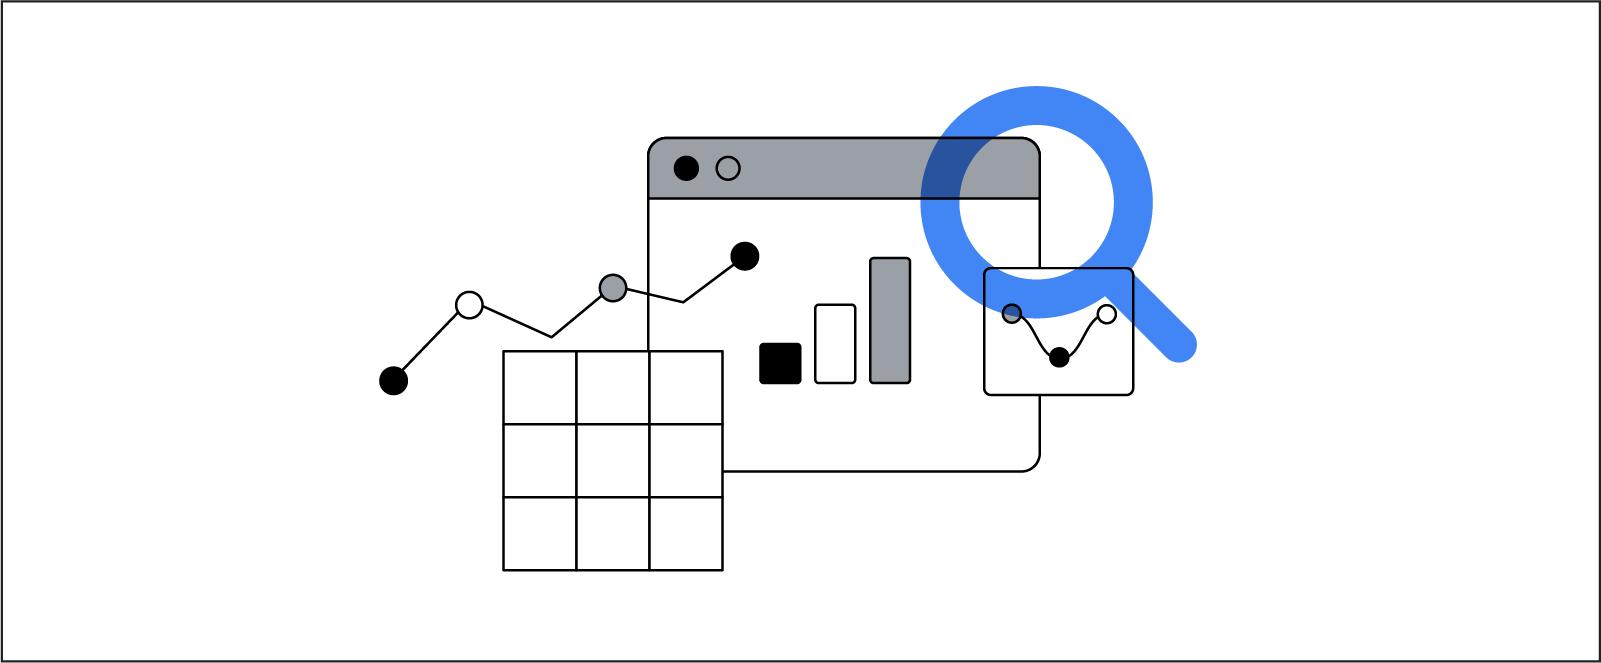 Un insieme stilizzato di disegni di simboli relativi a grafici e tabelle sui dati con una lente d'ingrandimento sovrapposta.